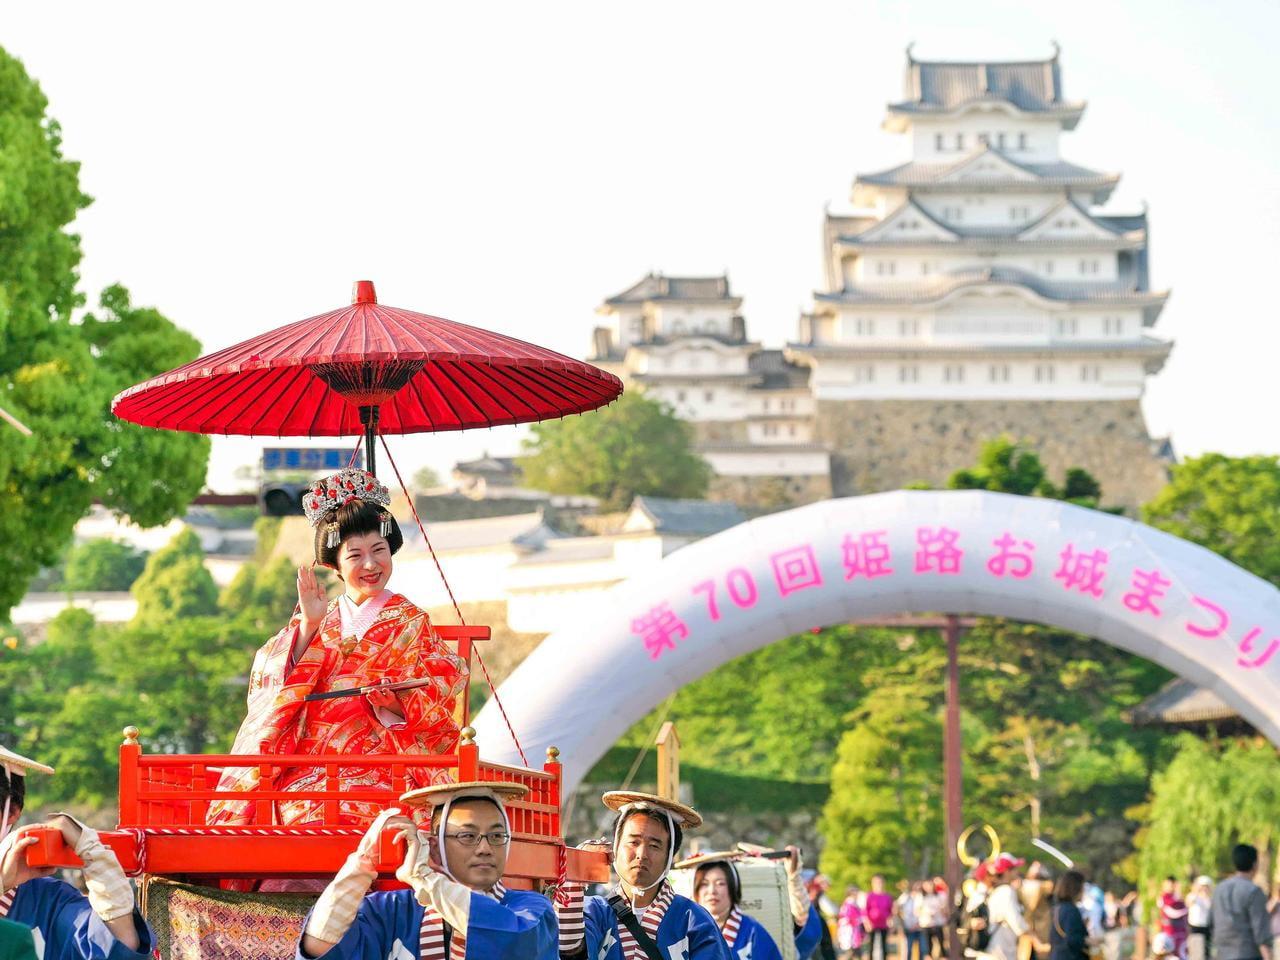 【中止】 姫路お城まつり2020・姫路薪能の延期が決定